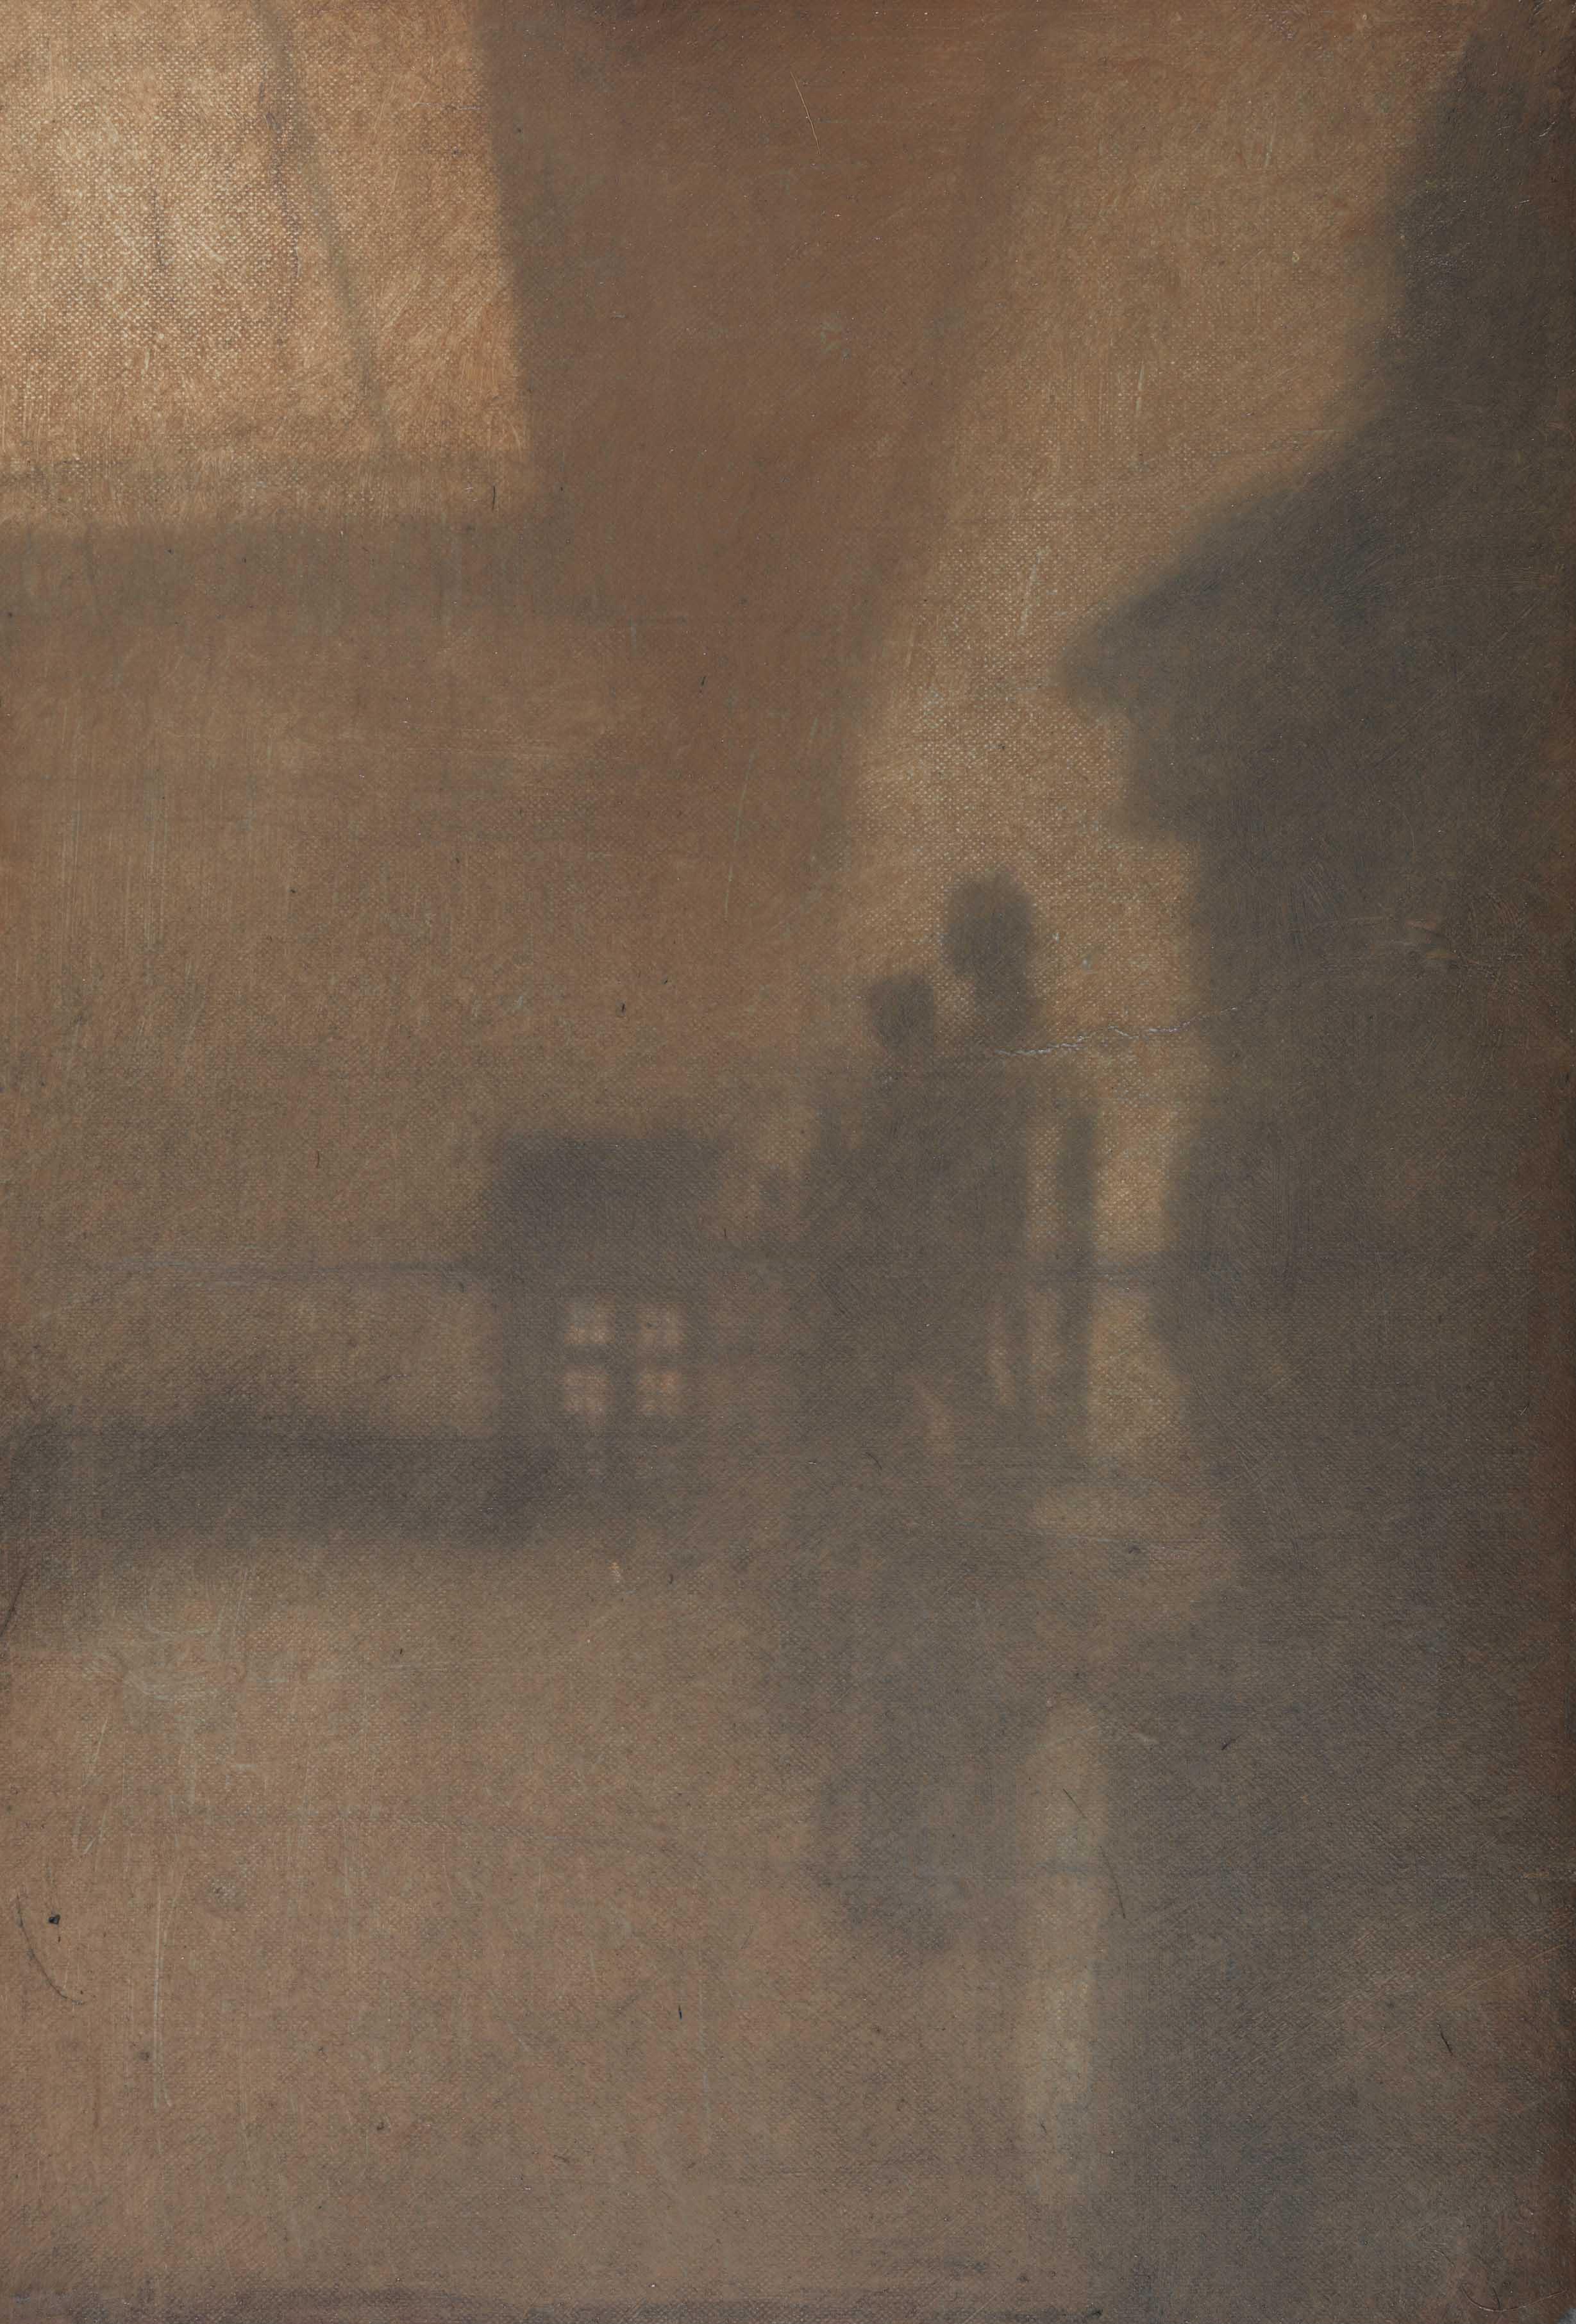 """""""Come se chiedessi all'oriente se avesse un mattino per me - mouseion"""" (dettaglio dell'opera), 2019, gelatina fotosensibile, graffite, olio su tela preparata, 40 x 27 cm, Courtesy l'artista"""